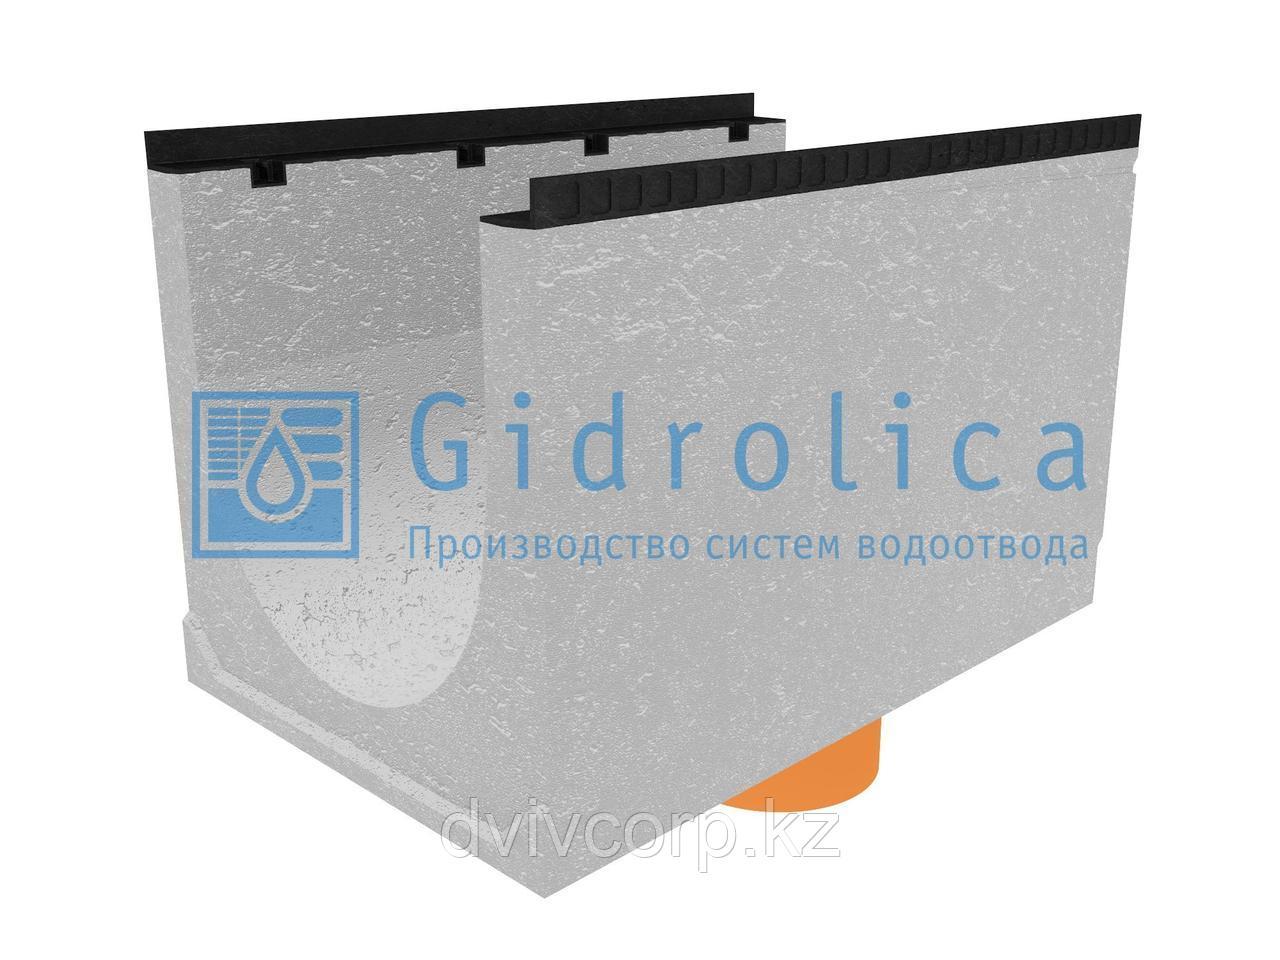 Лоток водоотводный бетонный коробчатый (СО-500мм), с водосливом КUв 100.65(50).65(56) - BGМ, № 40-0